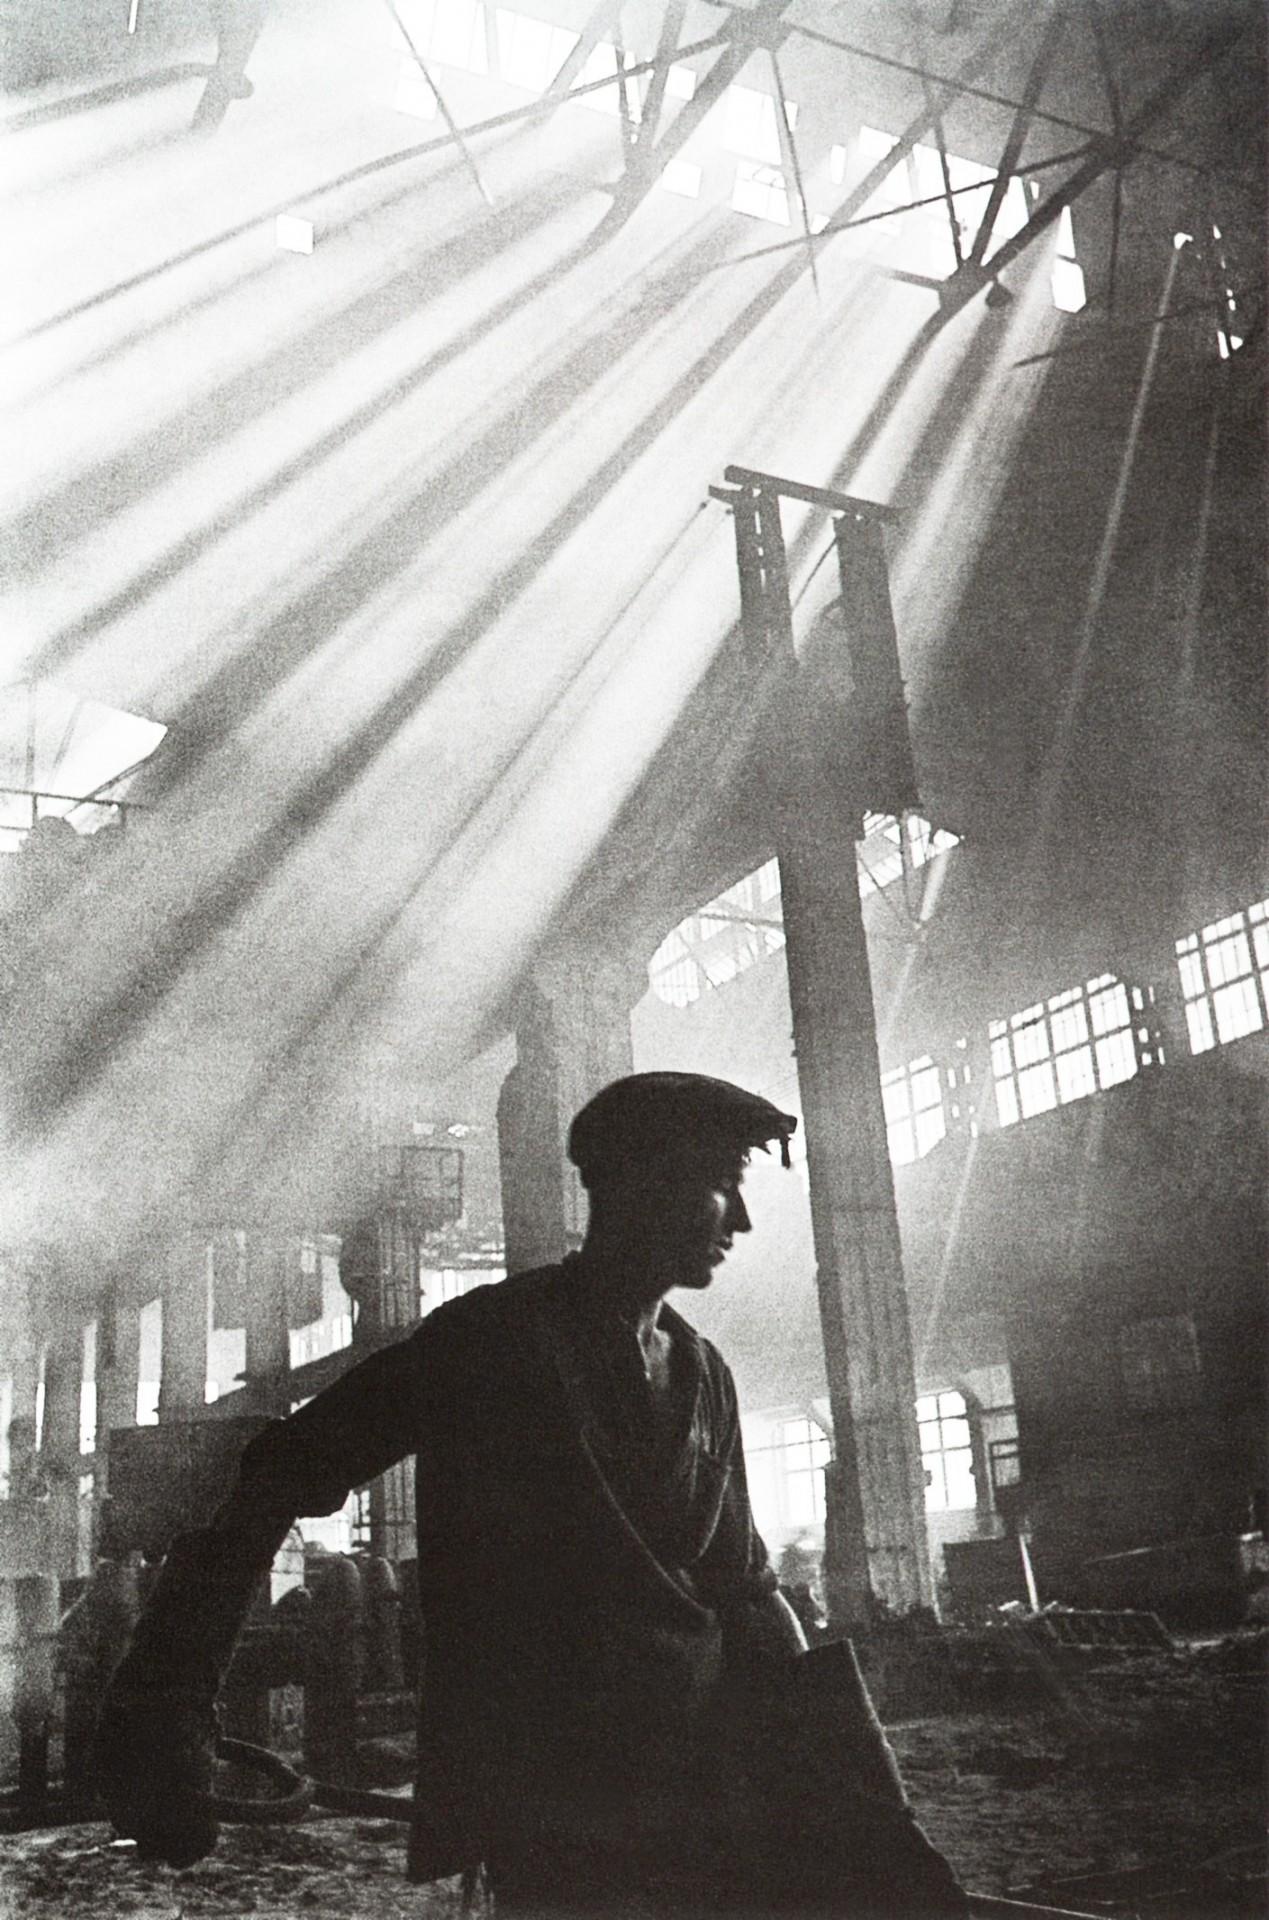 Сталевар, 1930-е. Фотограф Иван Шагин